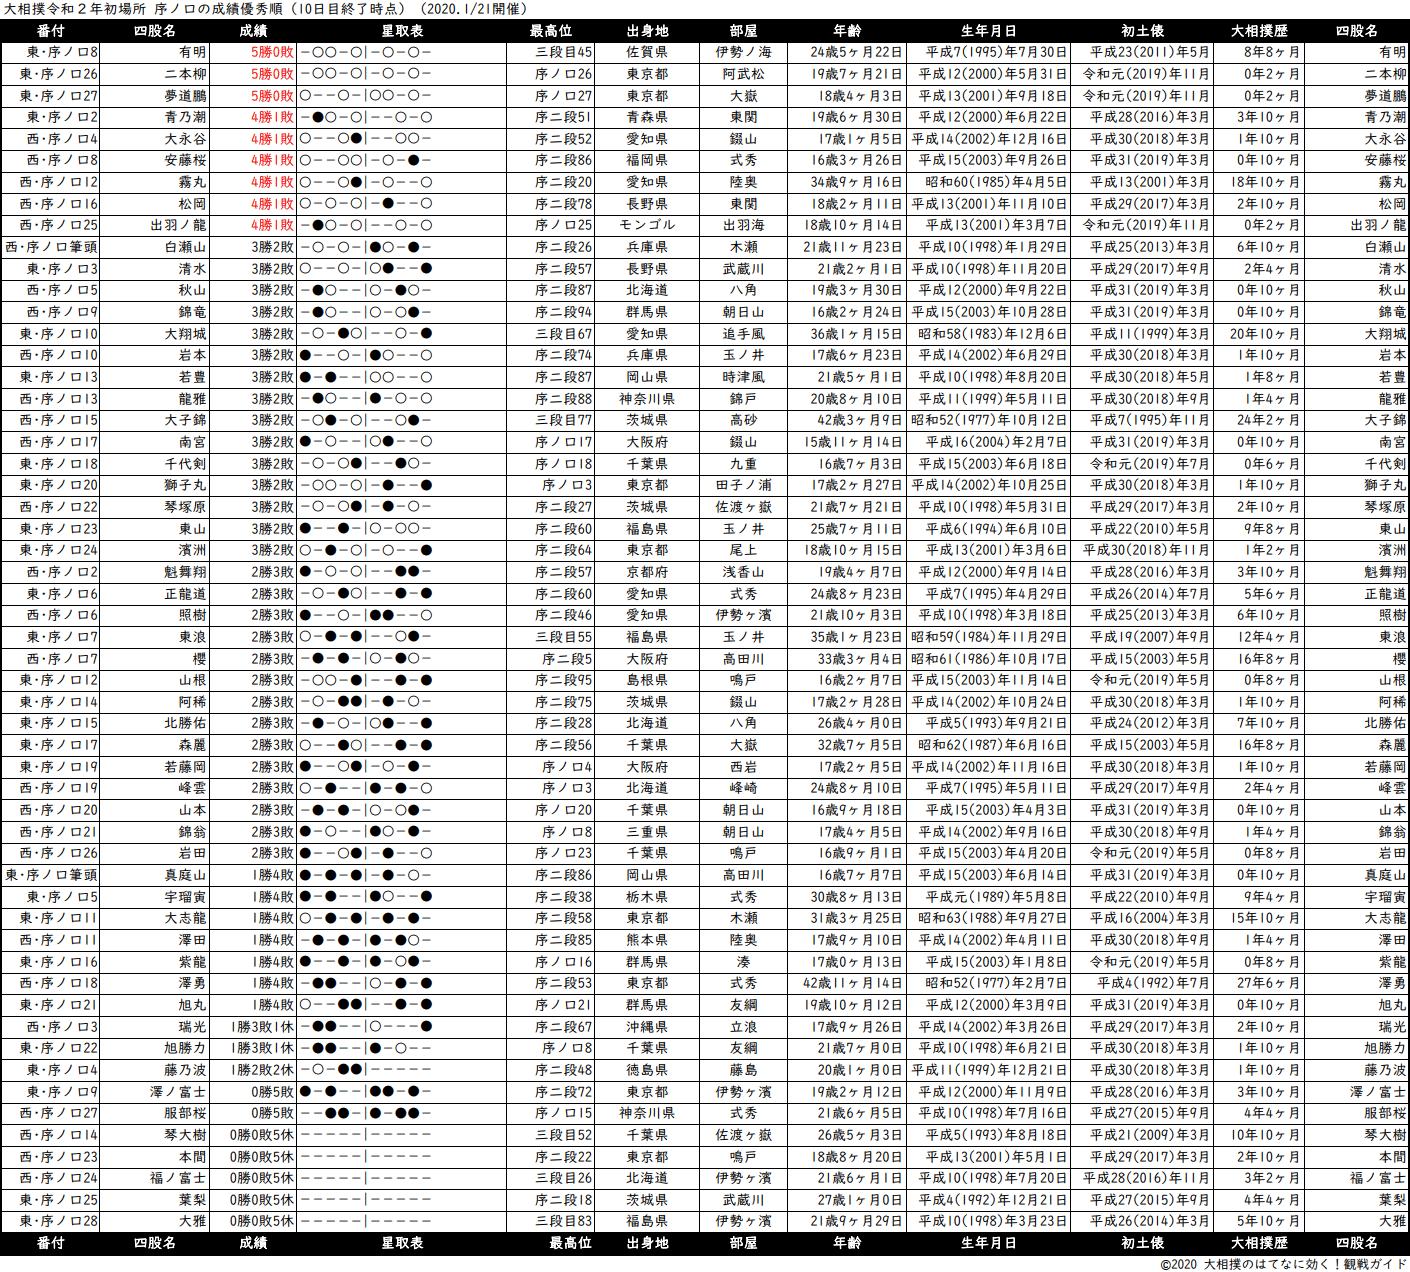 序ノ口成績順一覧表・2020年1月場所10日目